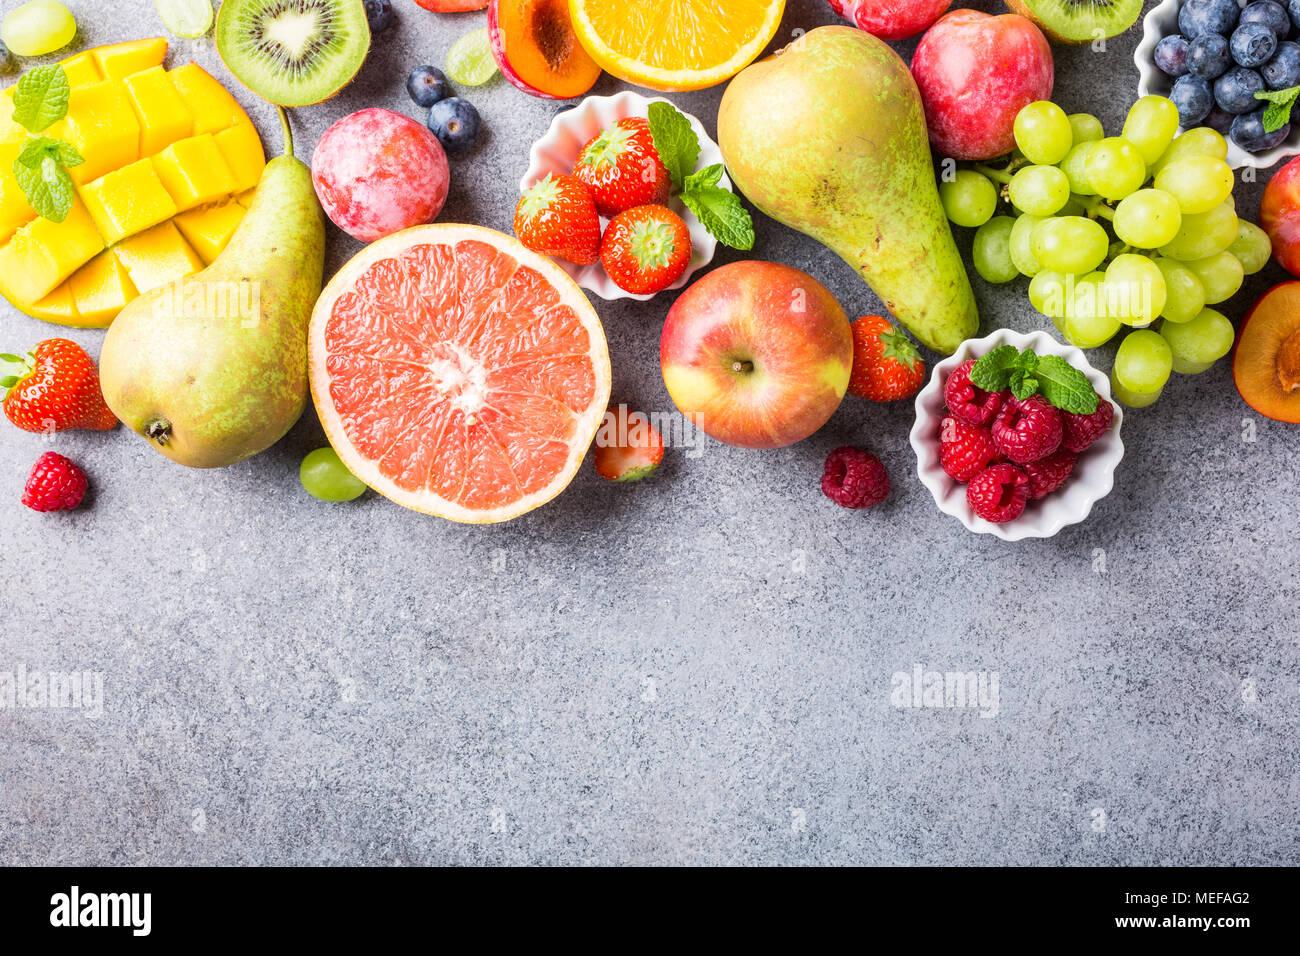 Un assortiment de fruits et de baies fraîches Photo Stock